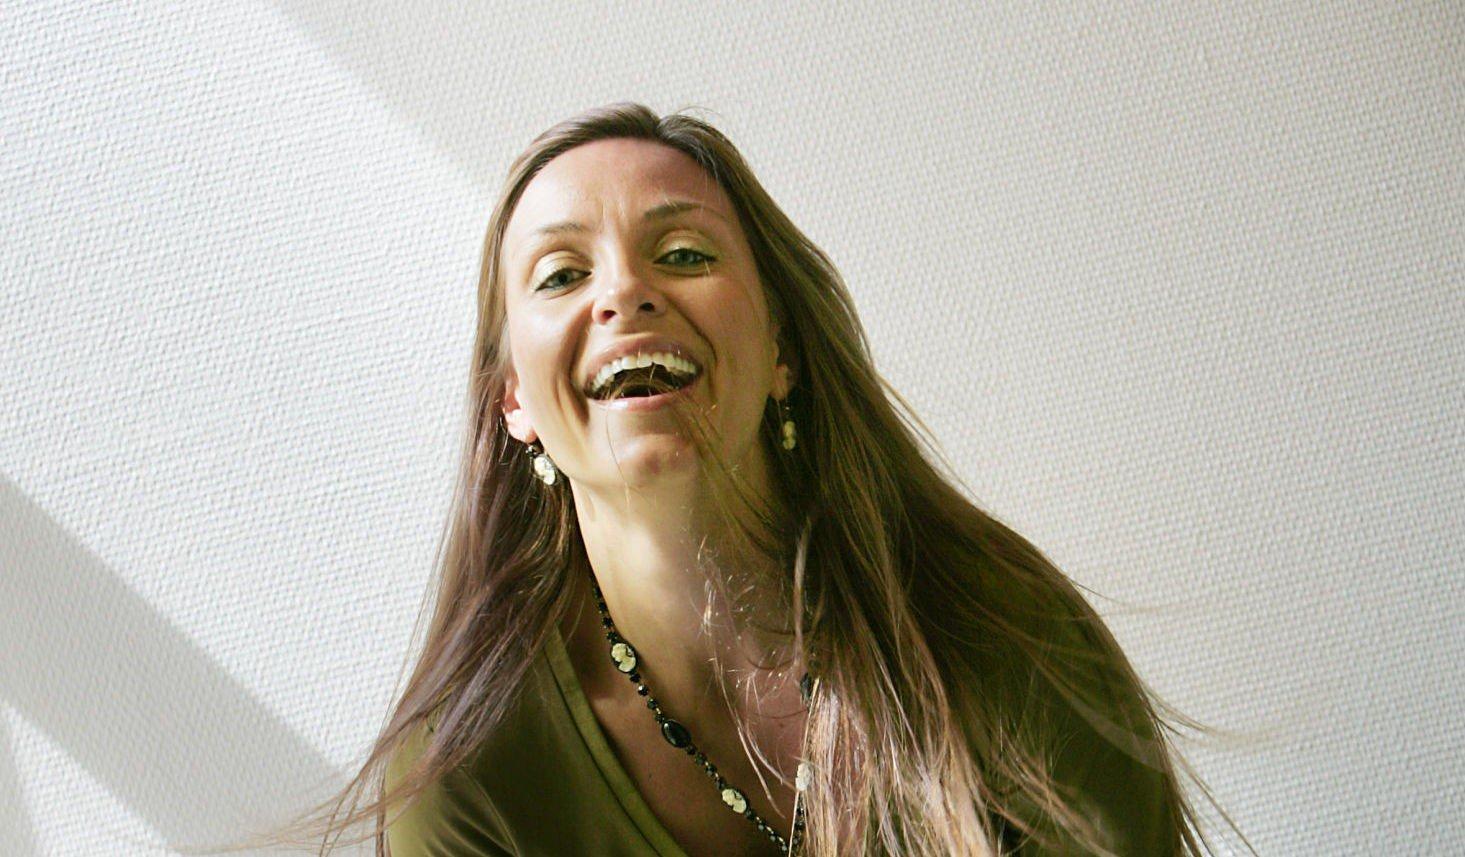 OMKOM: Den norske countryartisten Liv Marit Wedvik omkom på en campingplass i Risør lørdag.